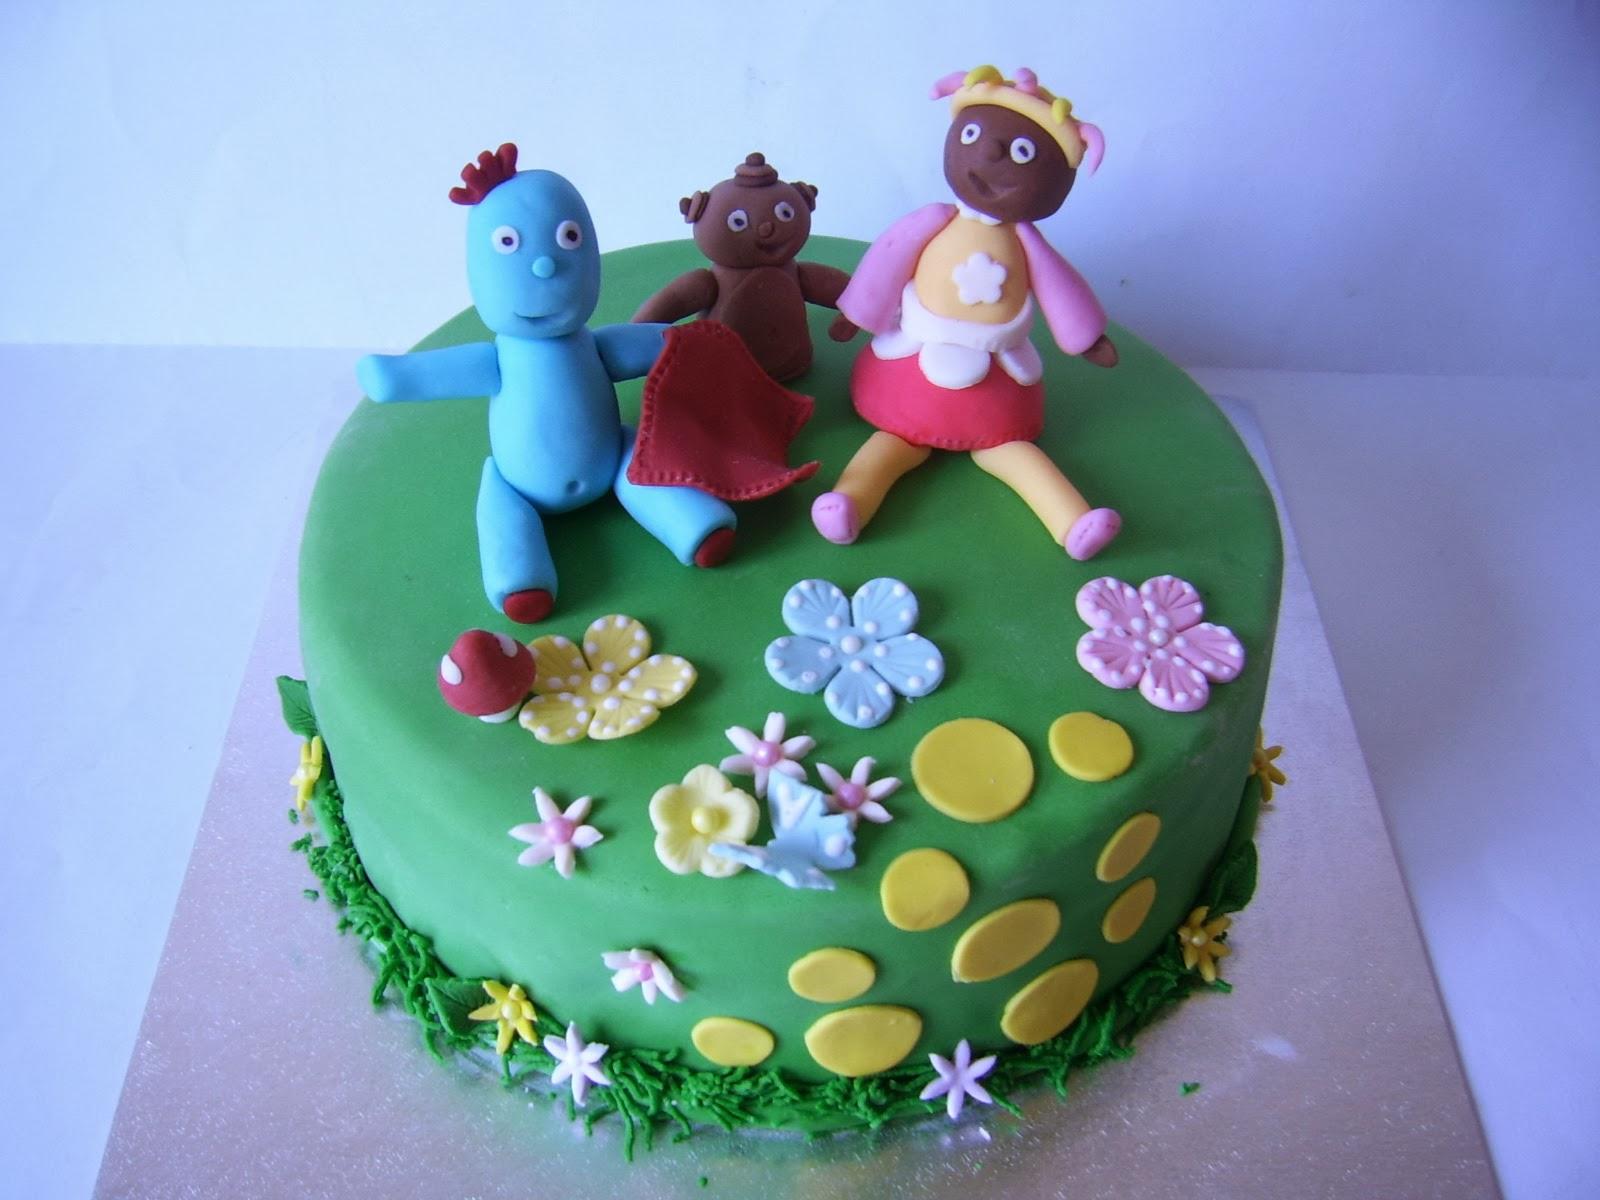 irenafoods: In the night garden cake 2 - Tort In the night garden 2 ...